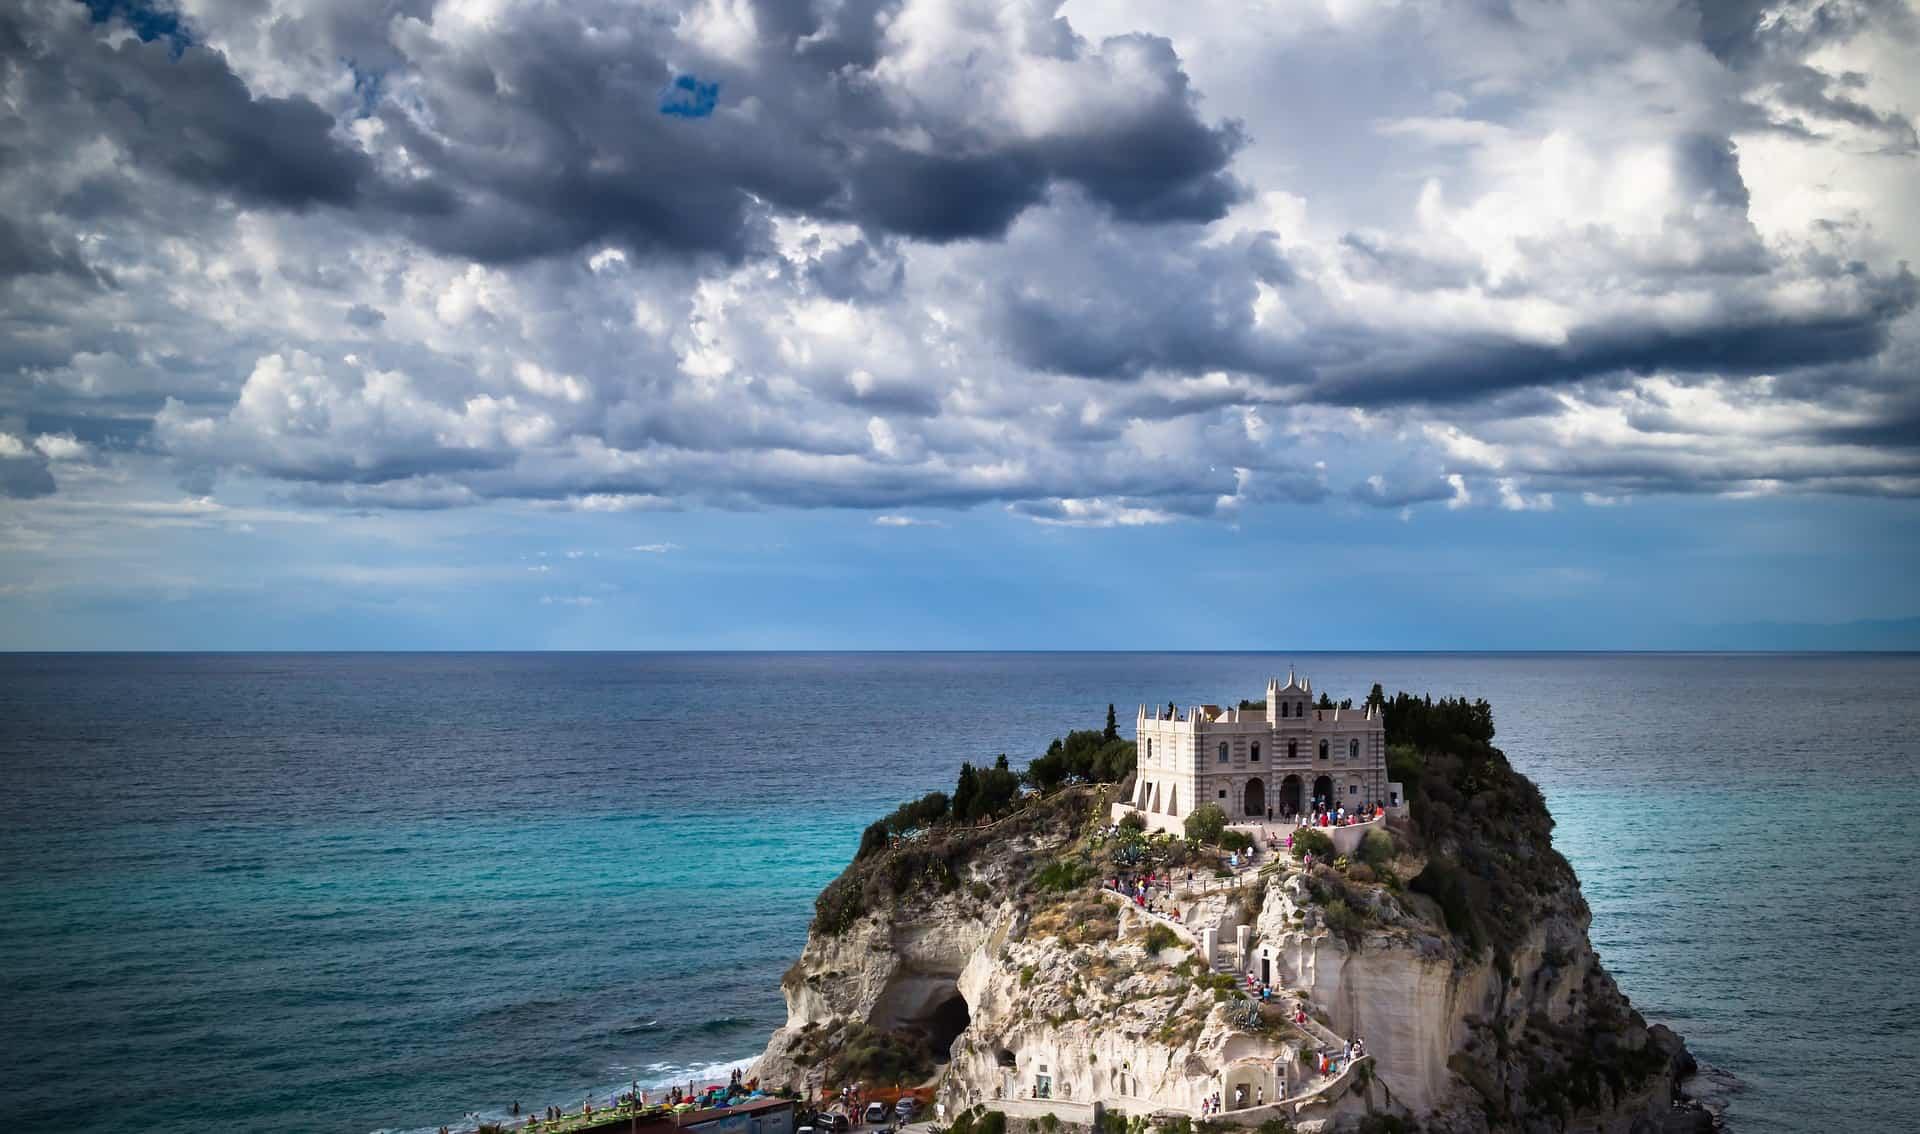 Tropea Kalabrien auf der vorgelagerten Insel die Kirche - Italien Ferien